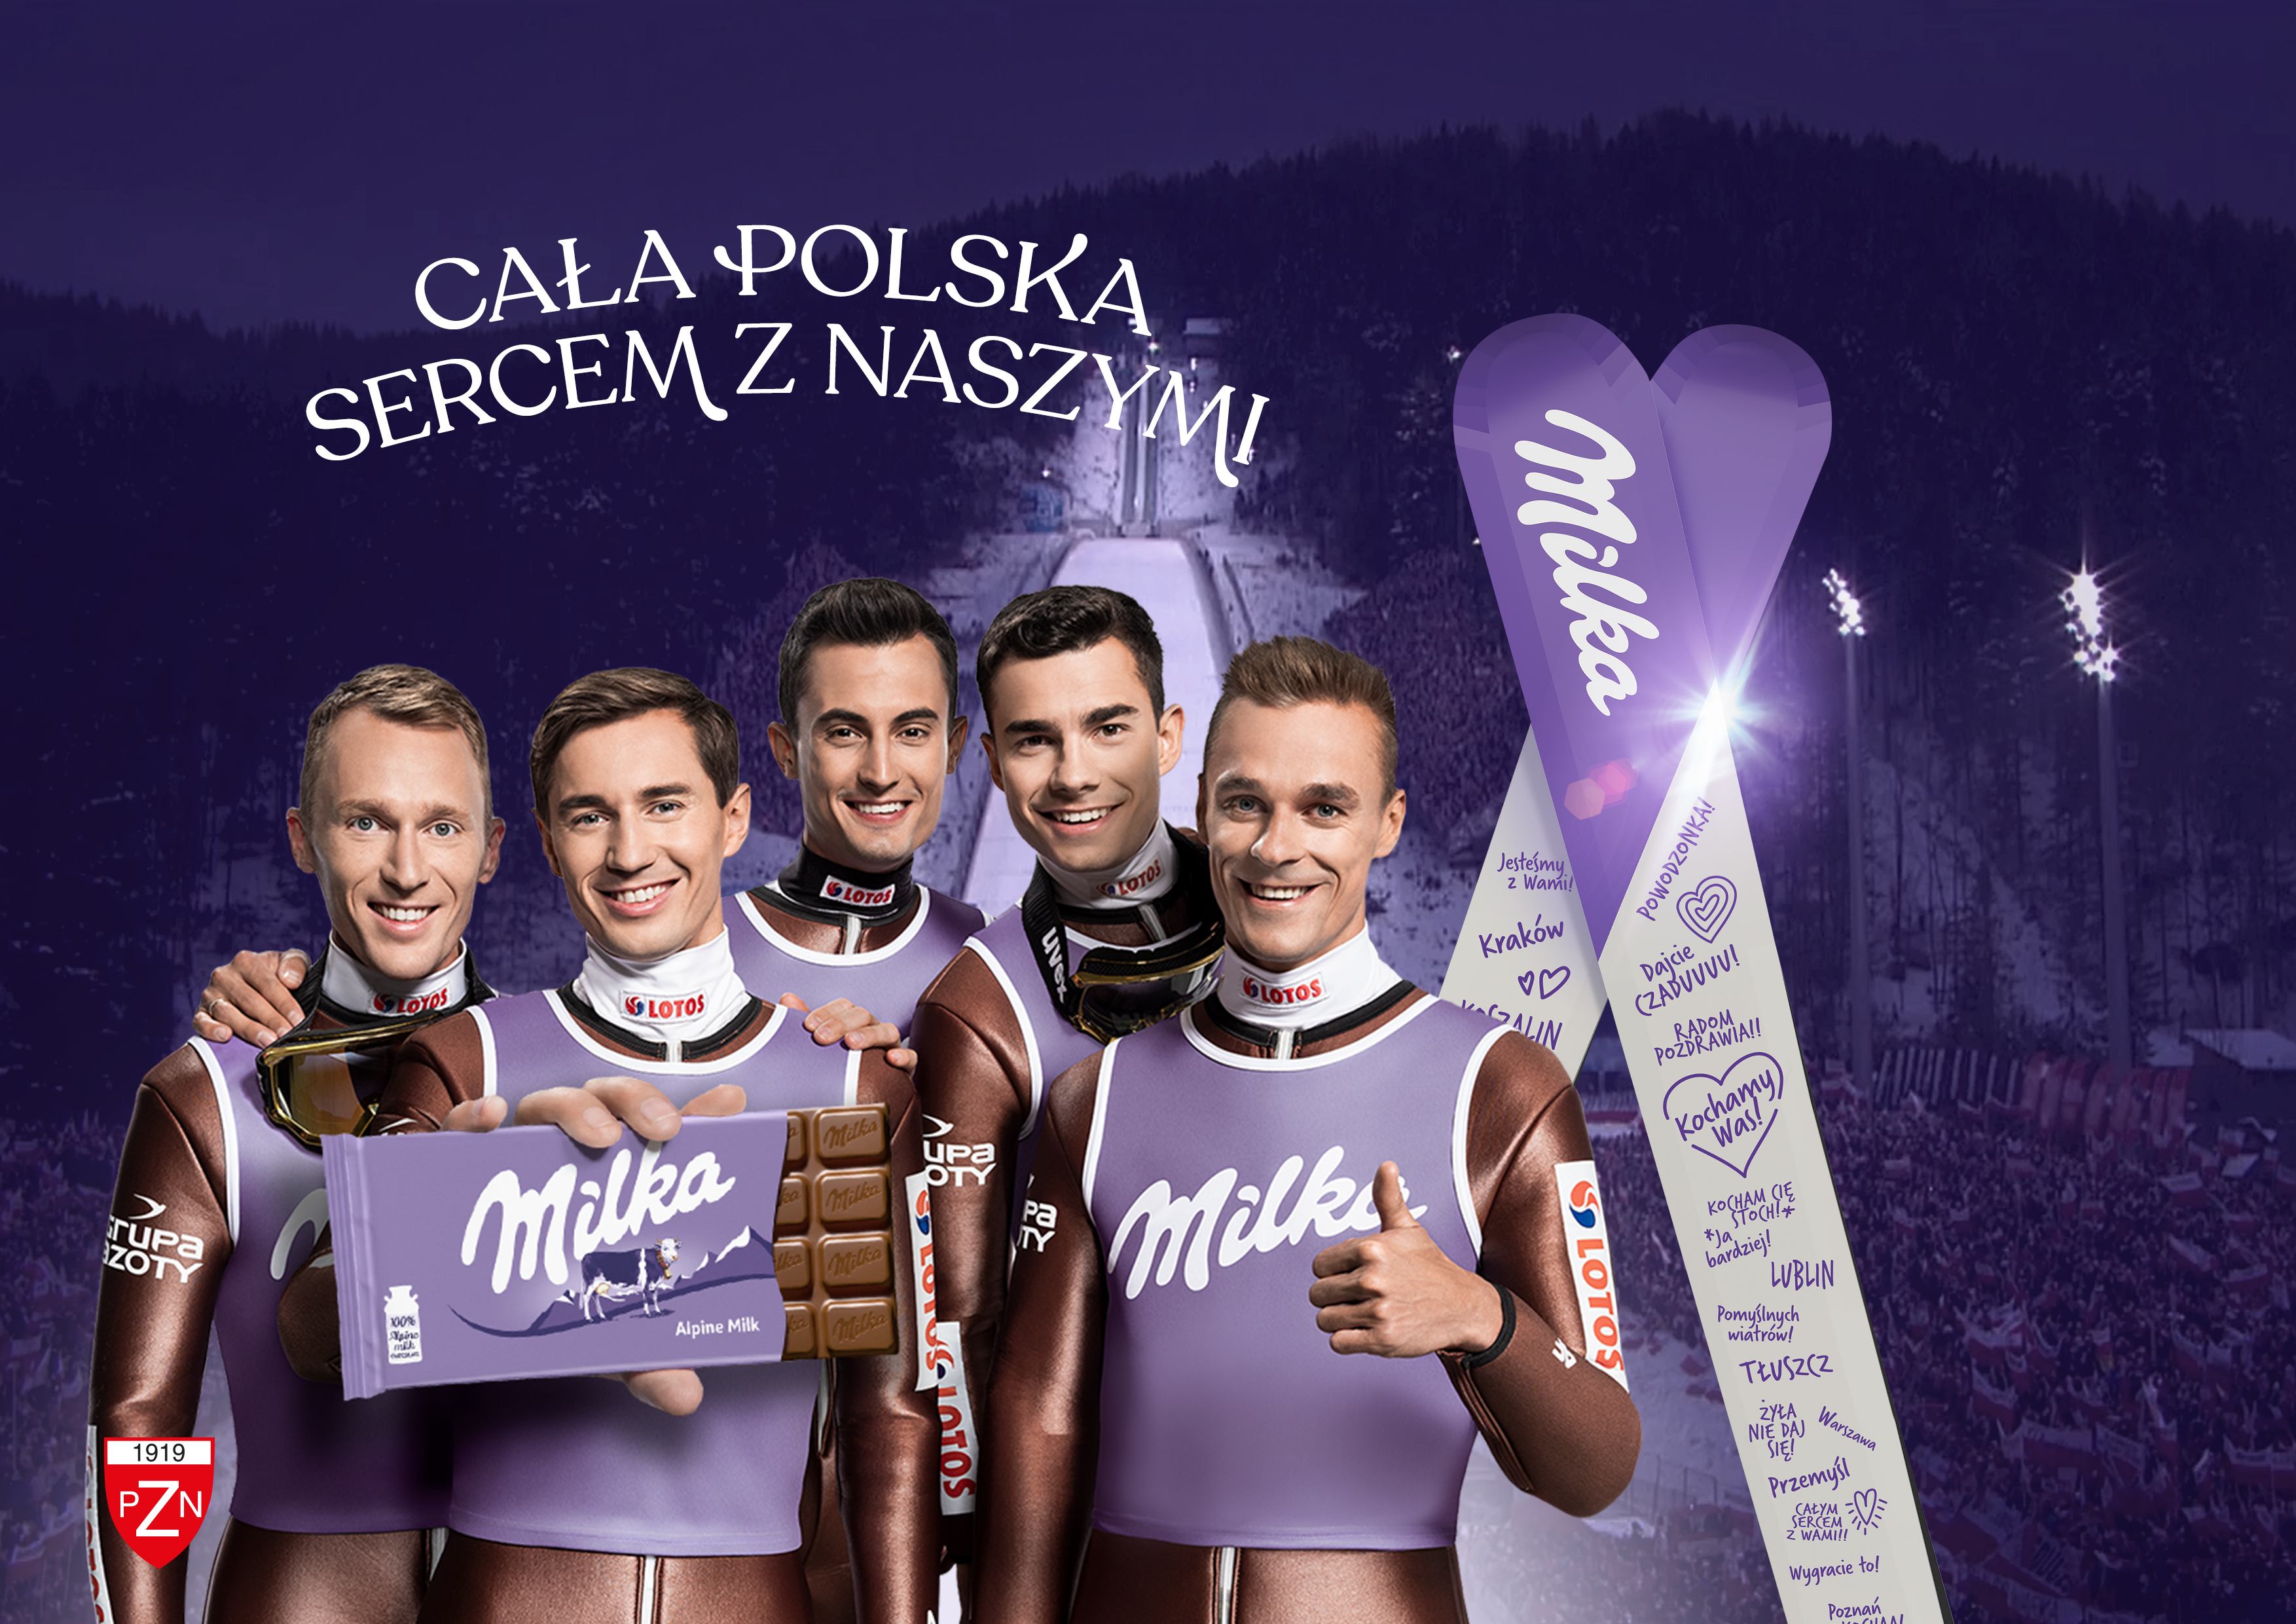 """Trwa trzecia odsłona kampanii """"Milka. Sercem z Naszymi"""""""